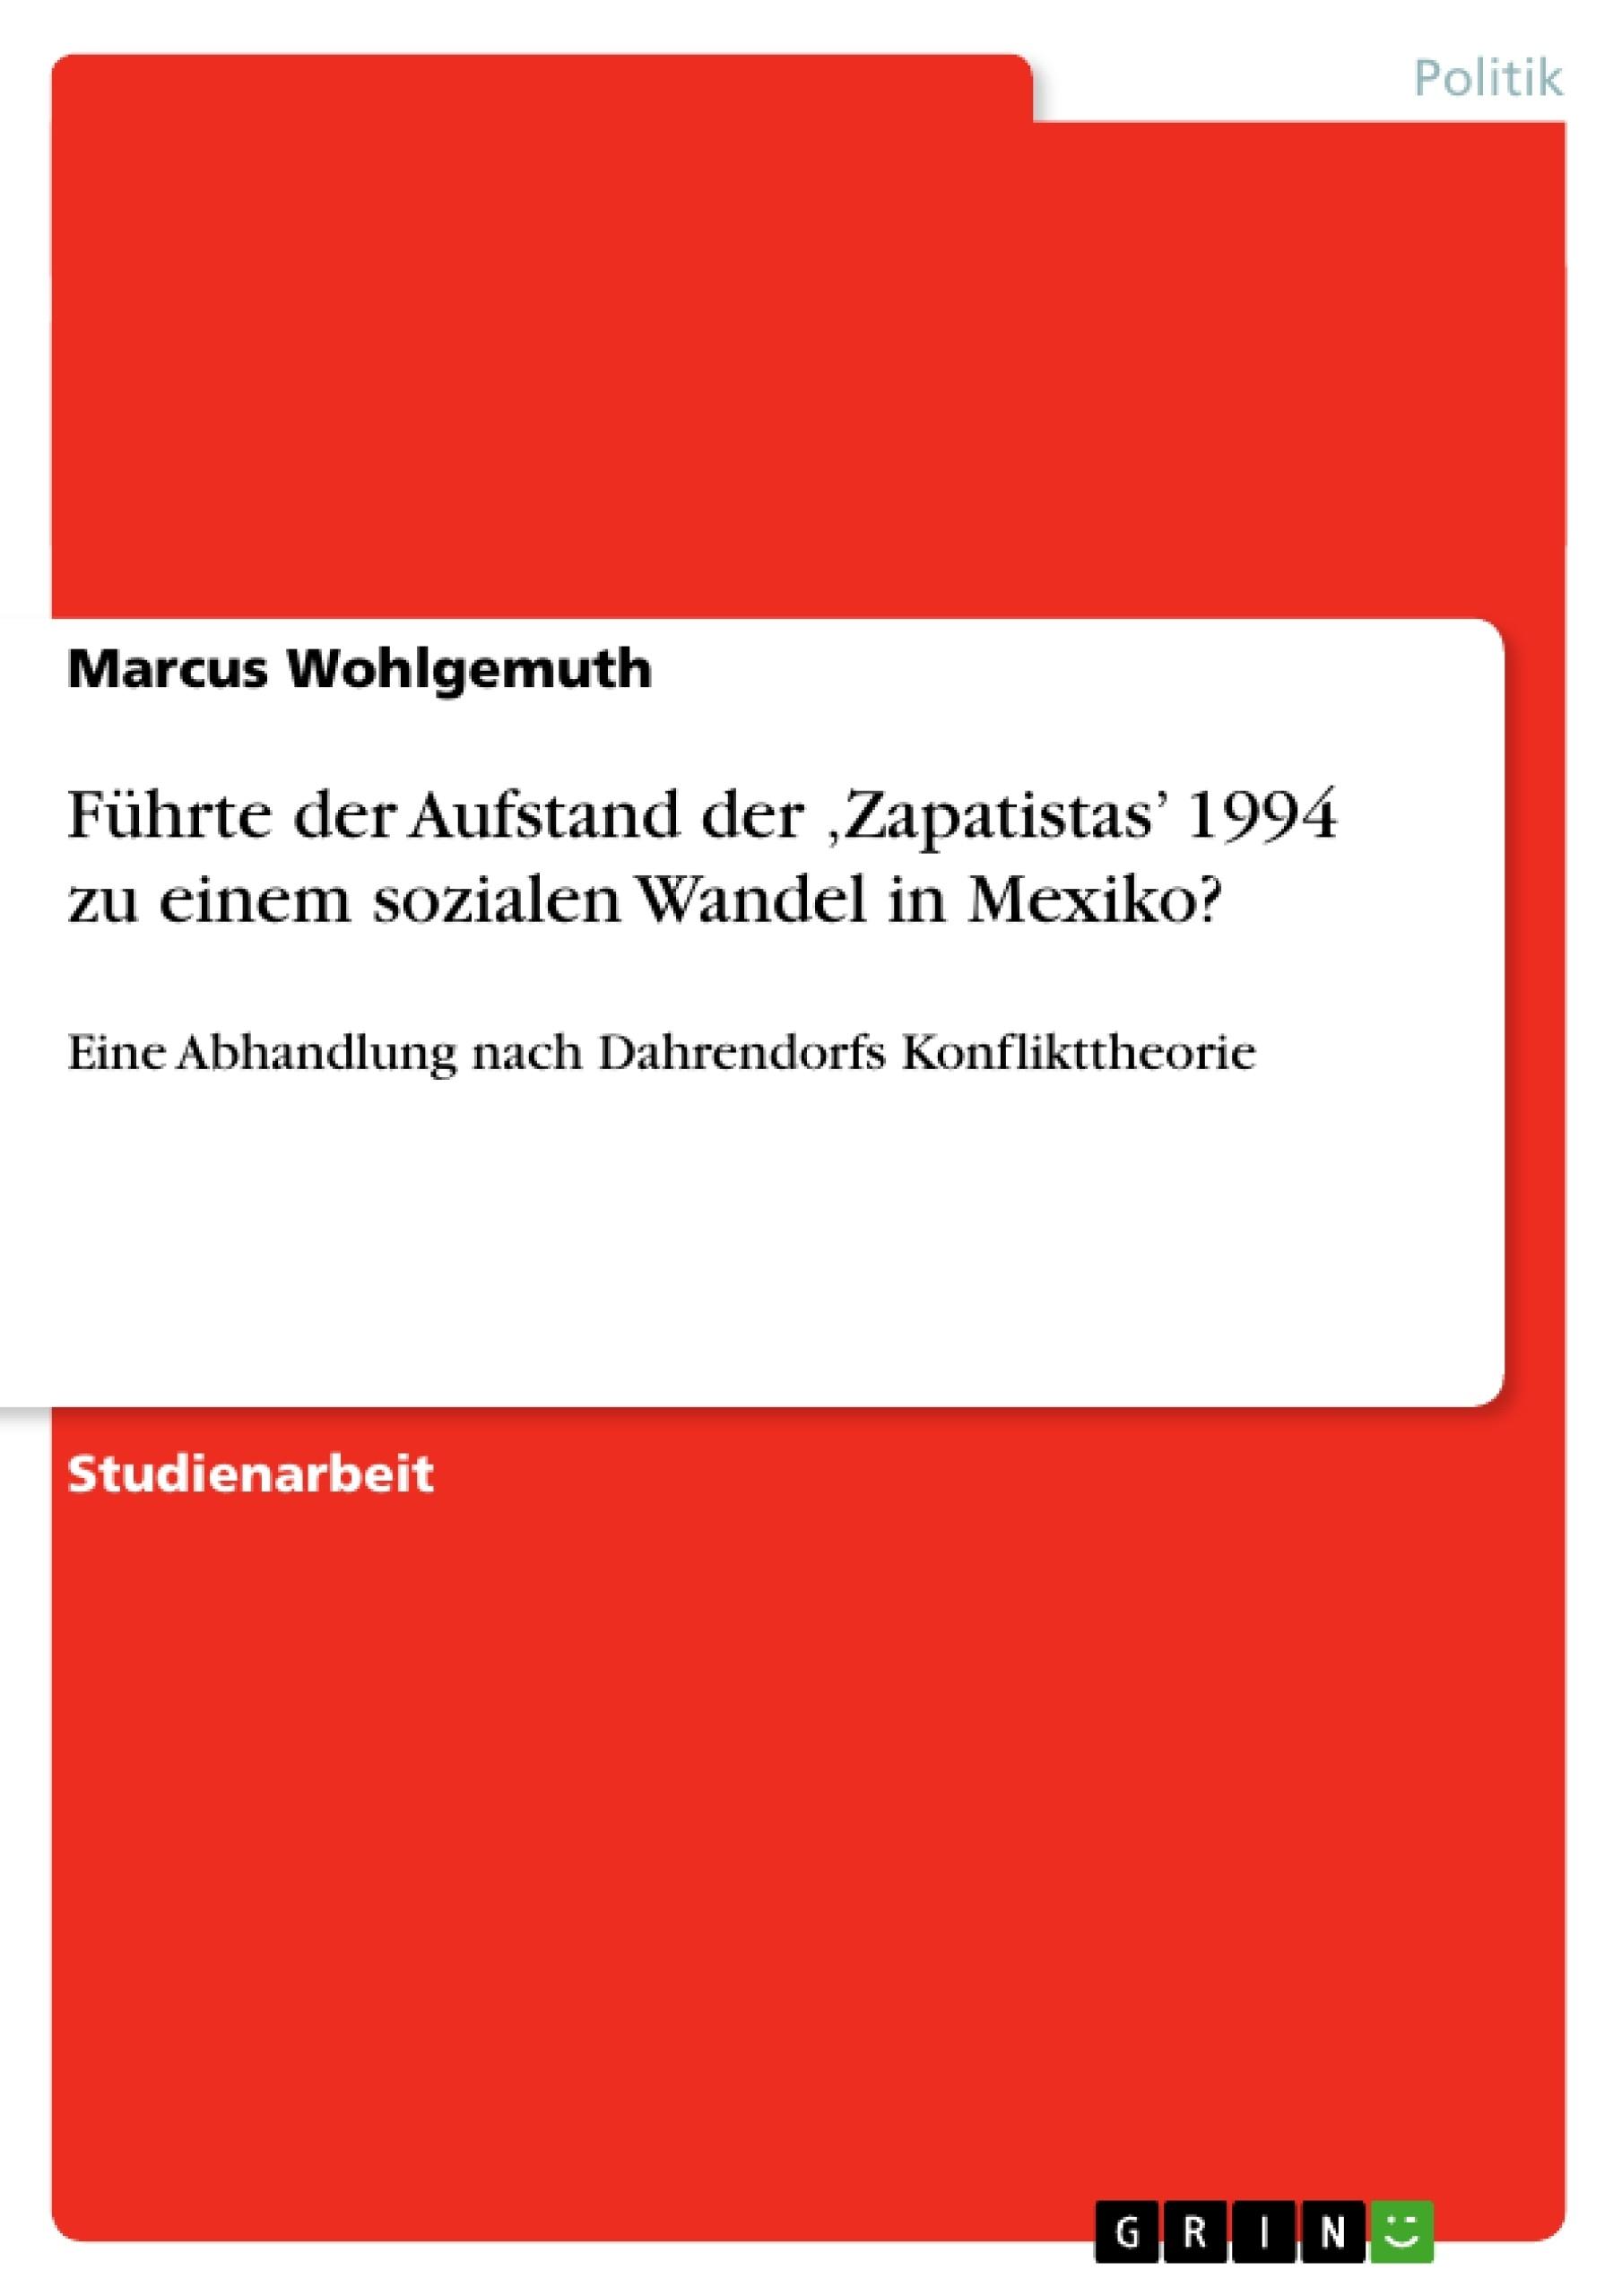 Titel: Führte der Aufstand der 'Zapatistas' 1994 zu einem sozialen Wandel in Mexiko?